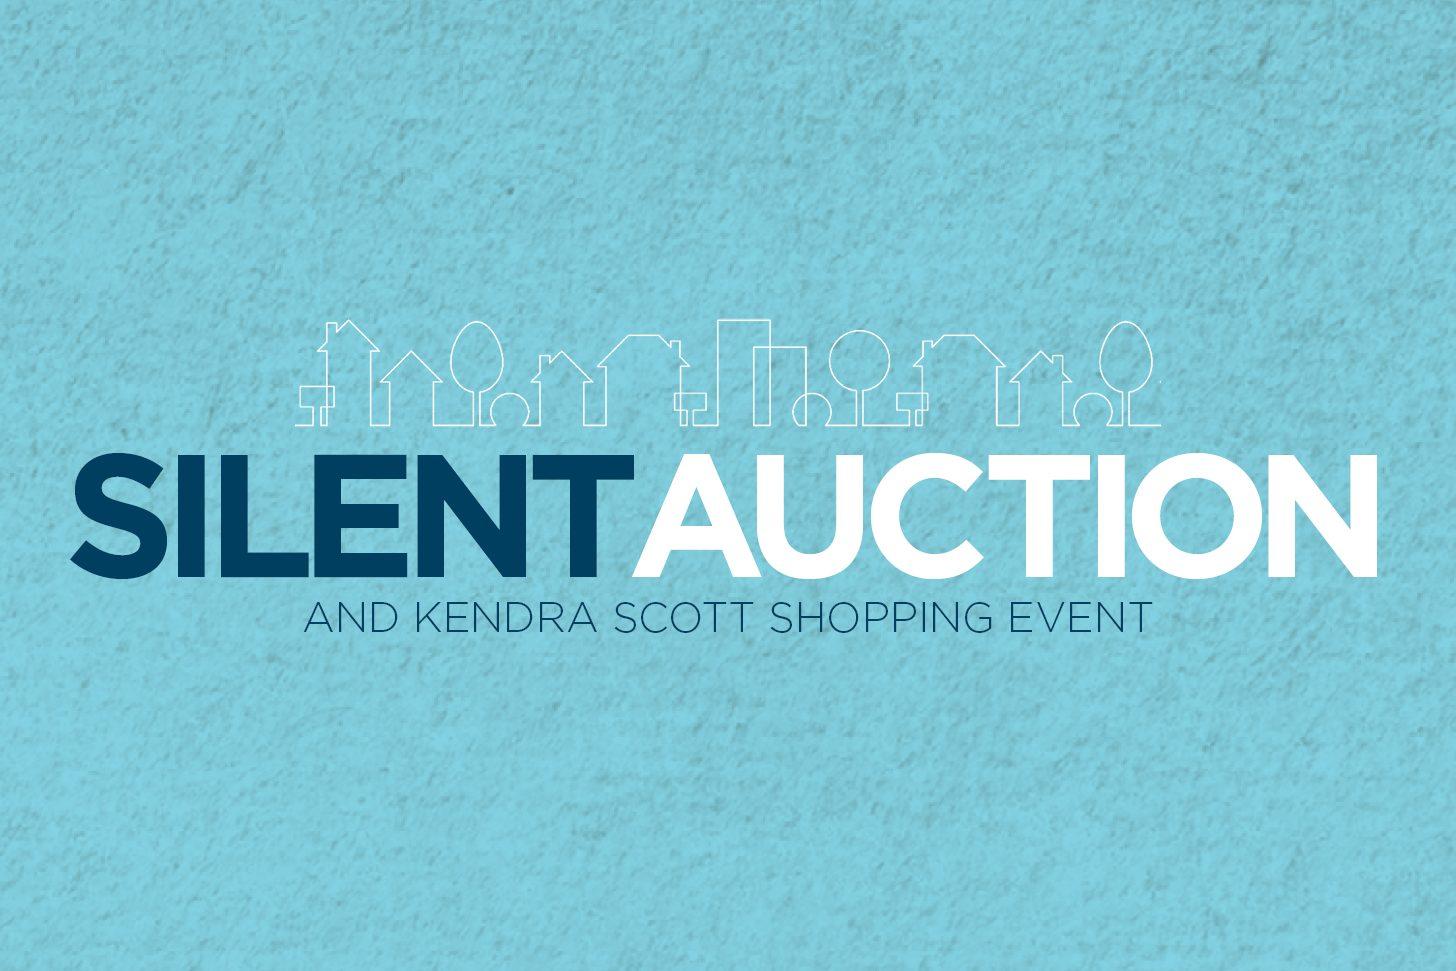 silent auction web event graphic